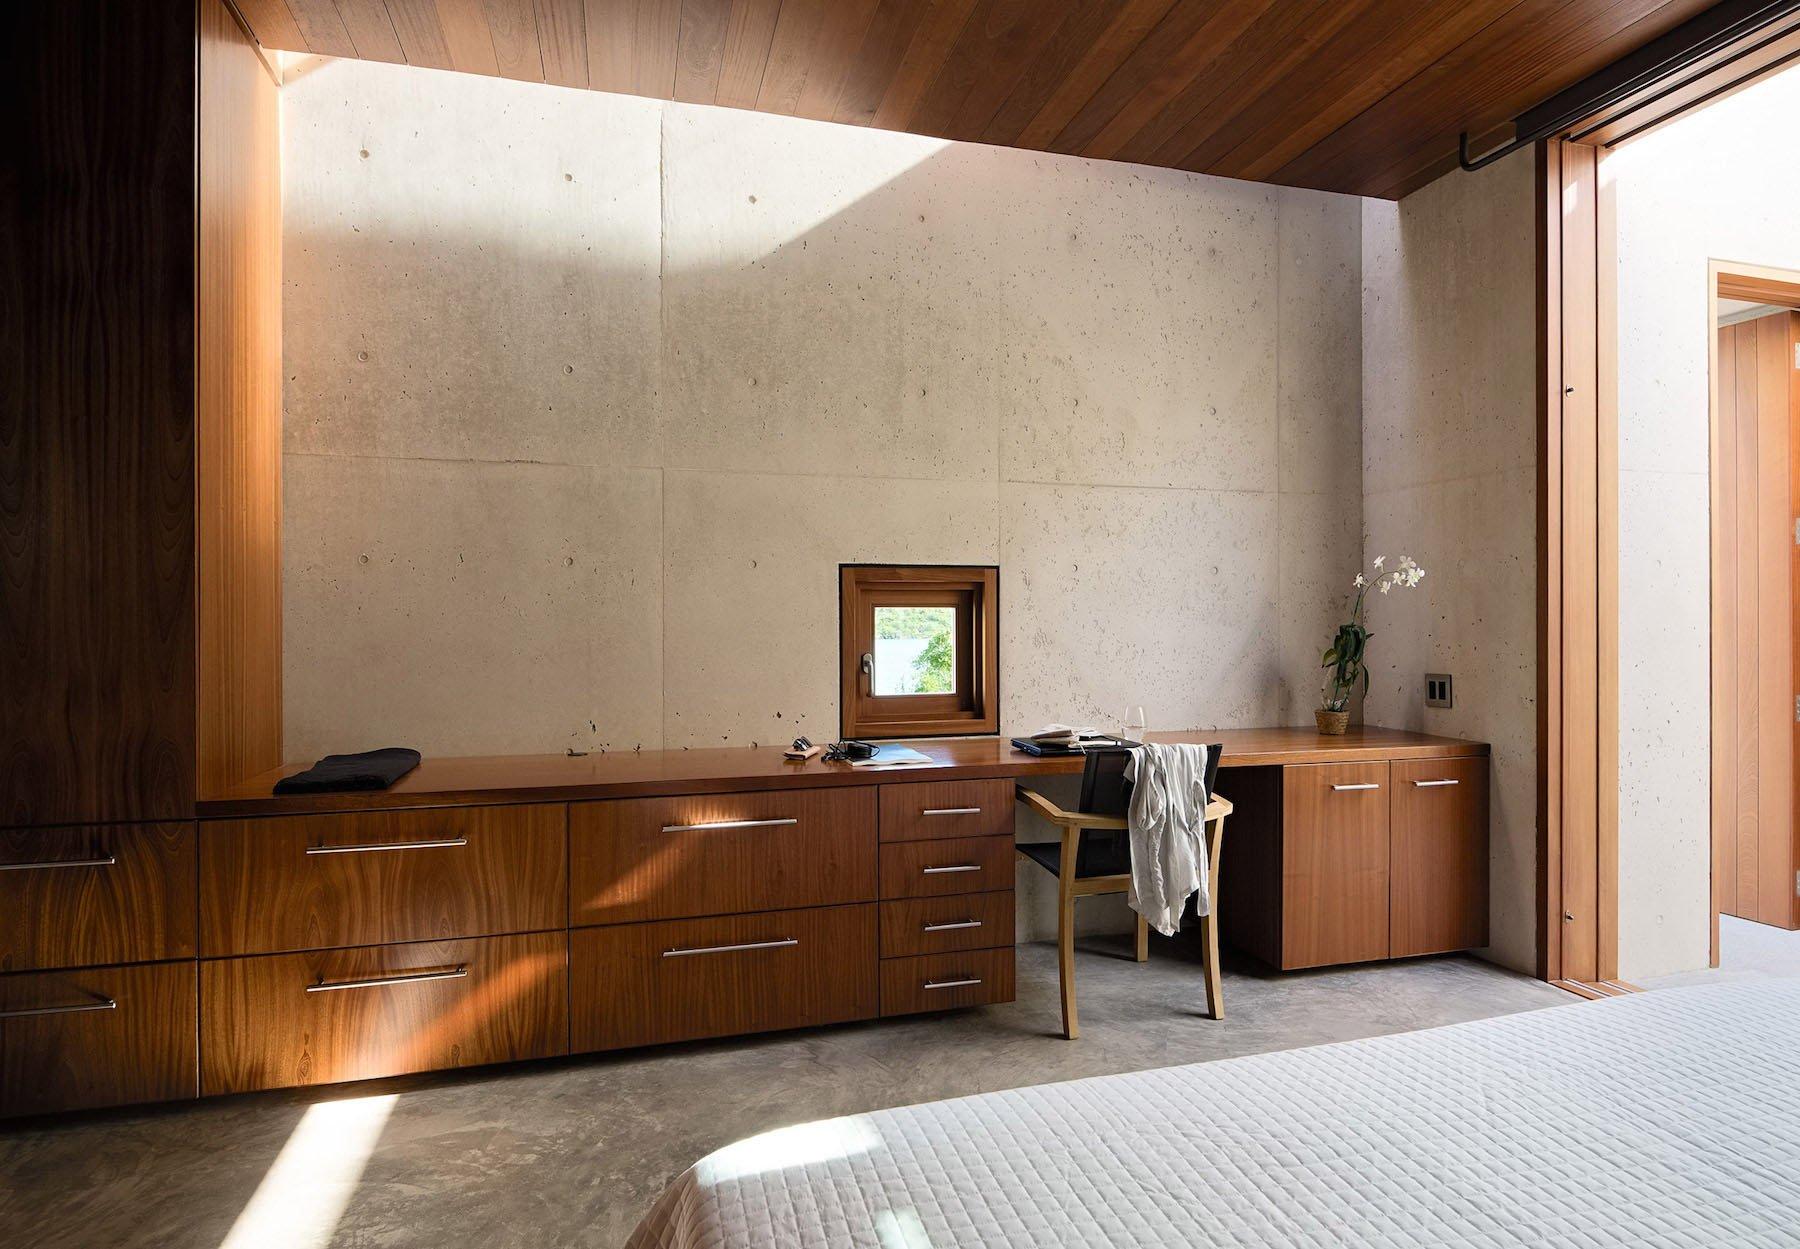 iGNANT-Architecture-Rick-Joy-Architects-La-Cabanon-03